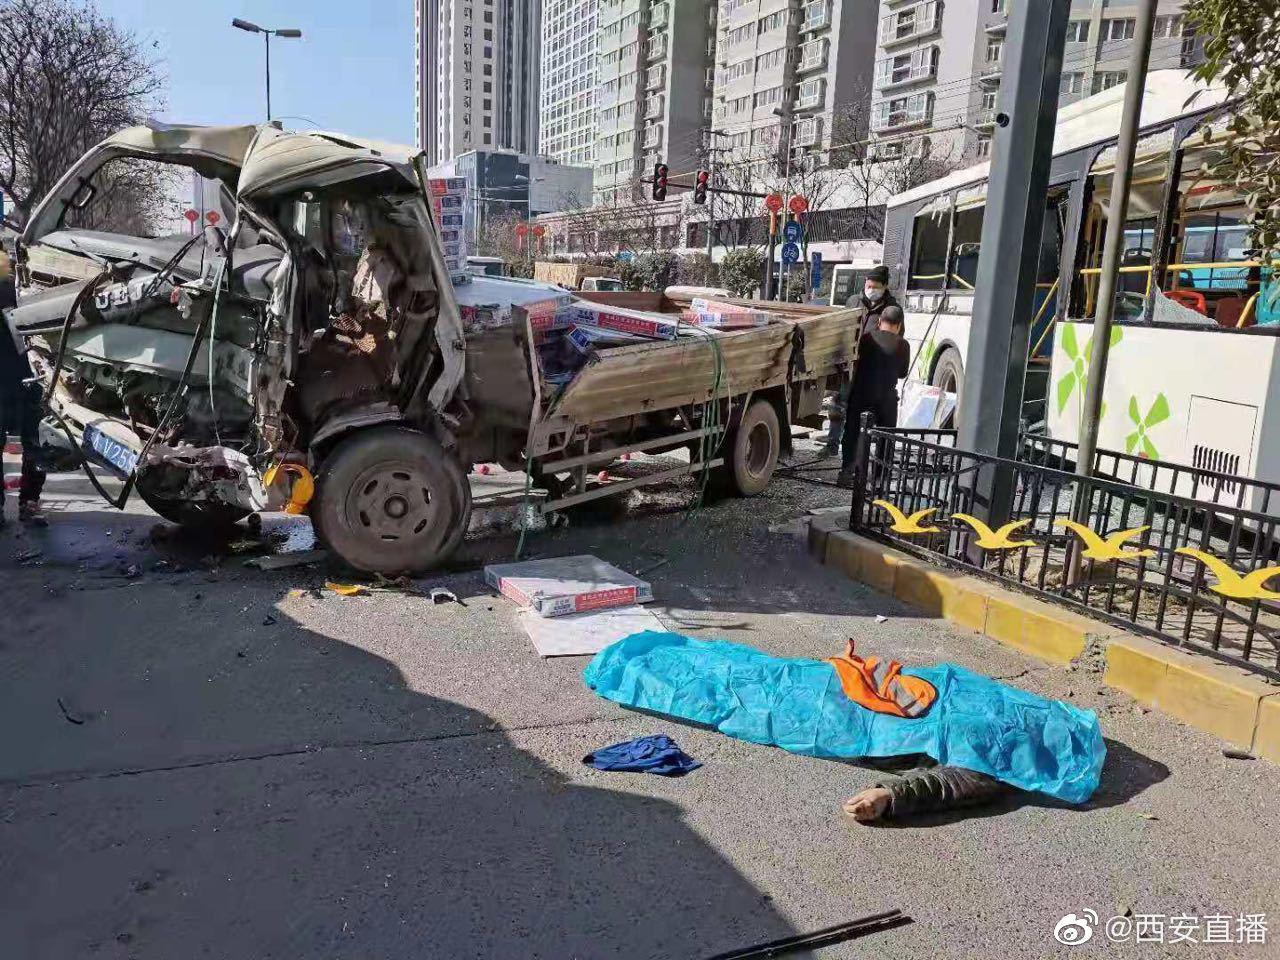 西安一货车与公交车相撞 现场有人员受伤